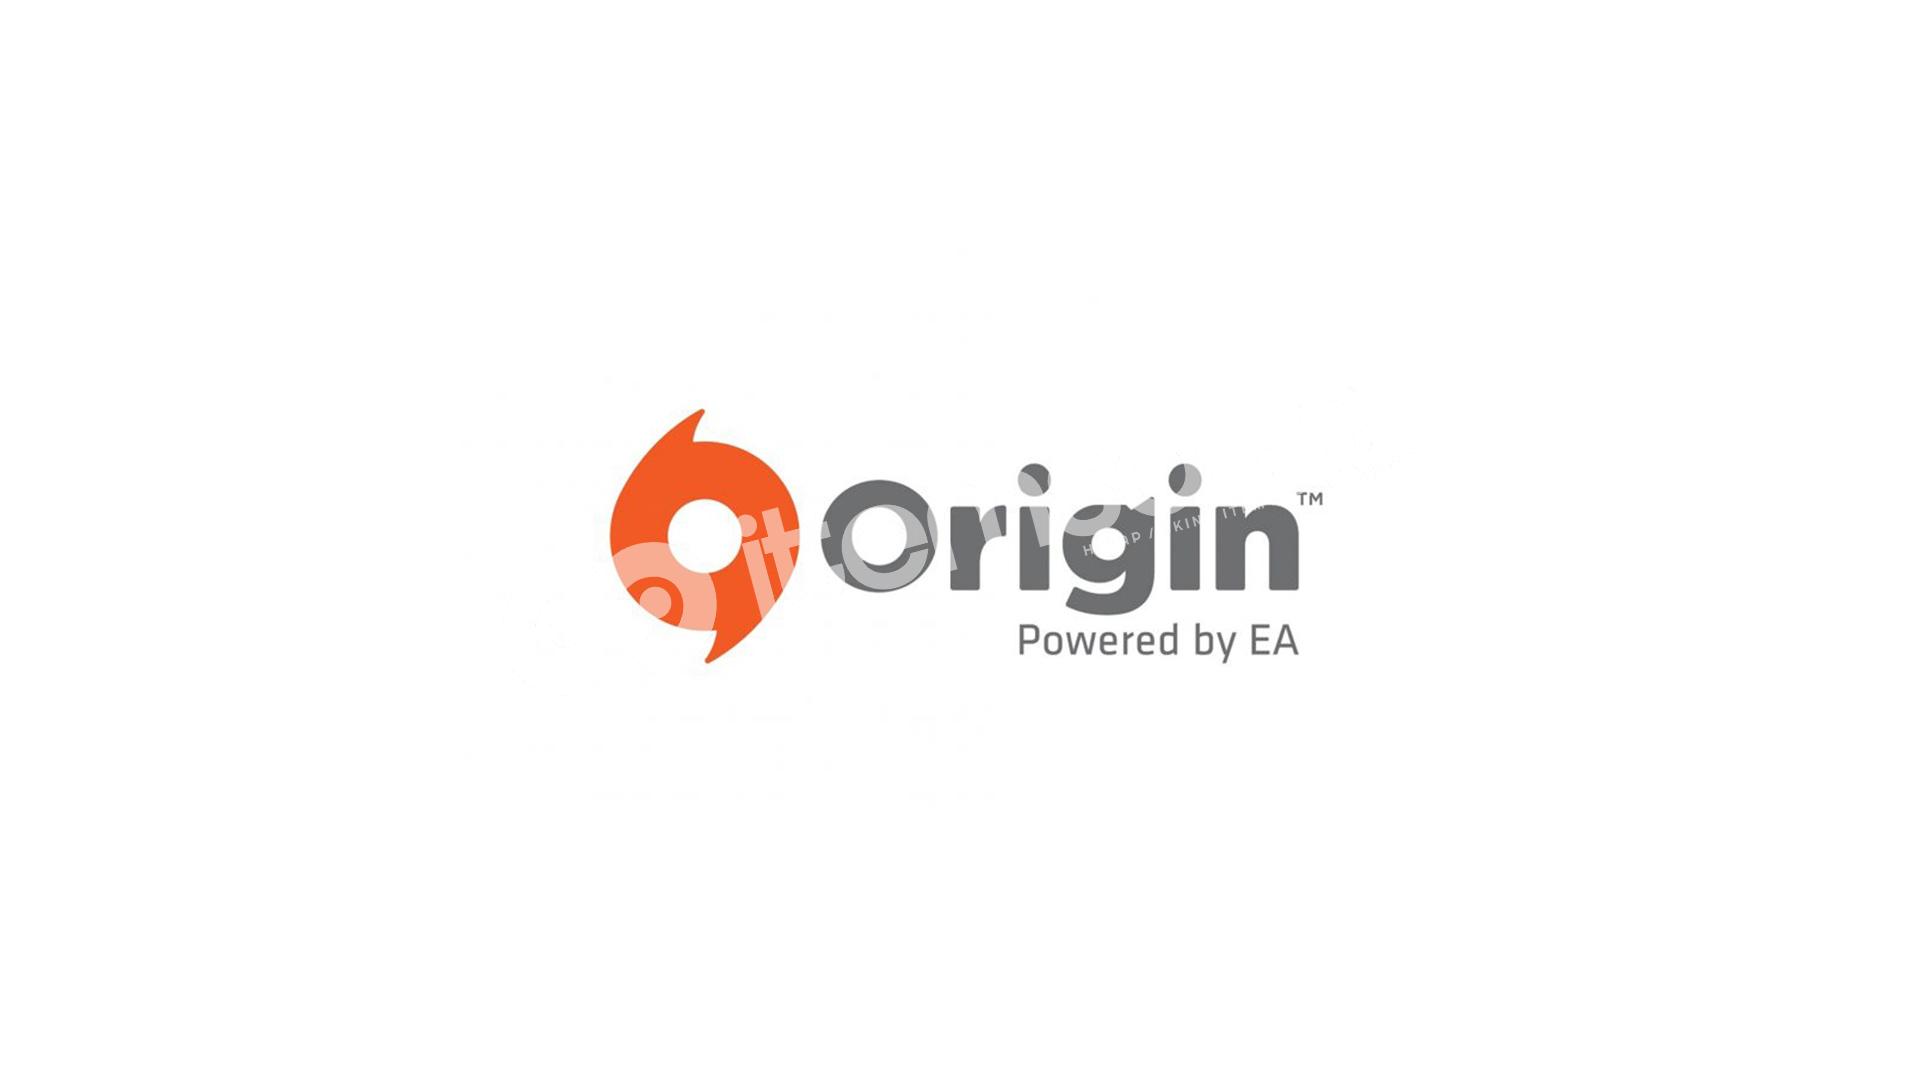 Rastgele Origin Hesapları